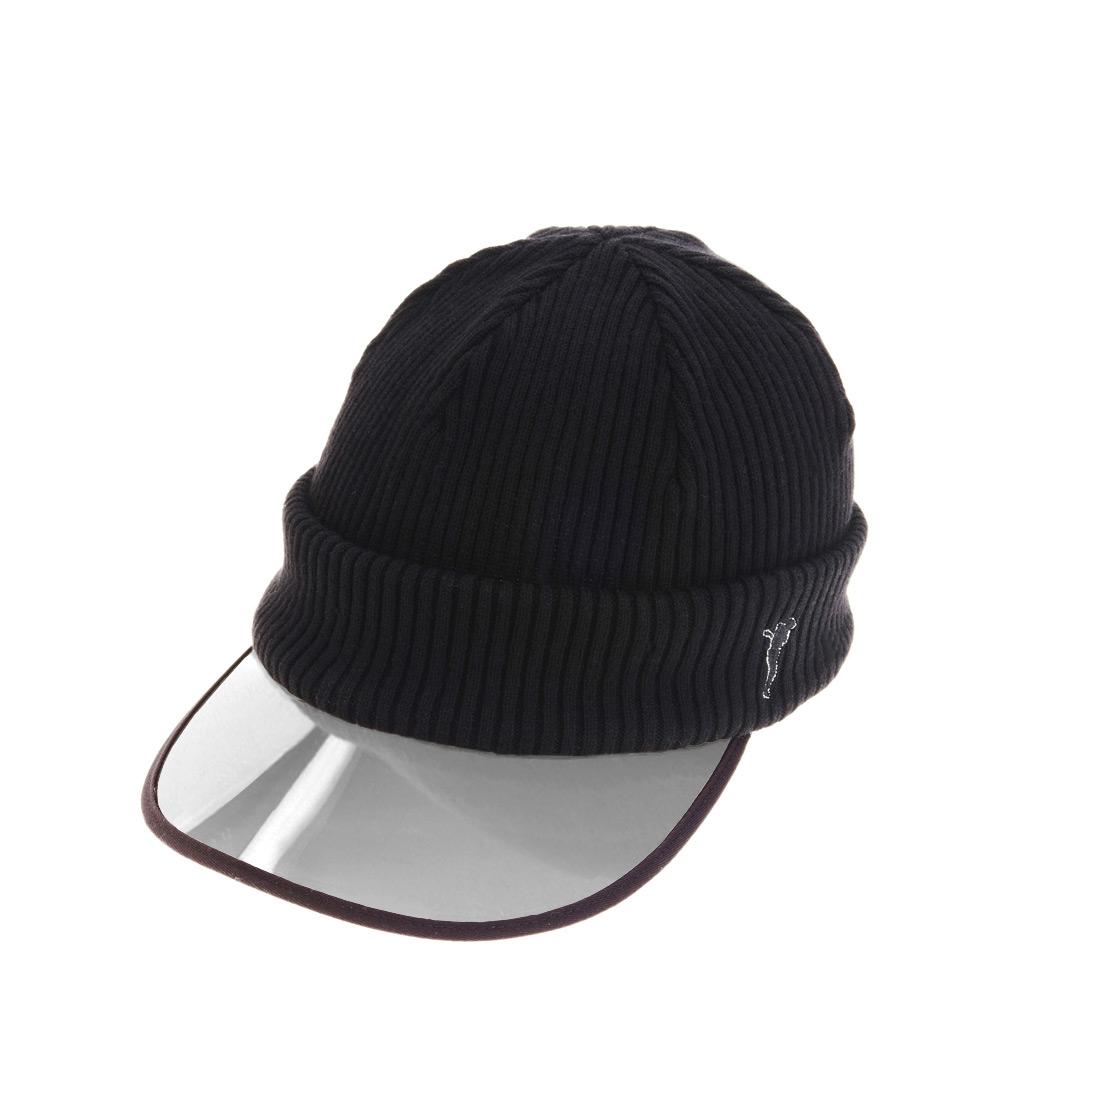 Strick-Cap mit transparentem Schirm